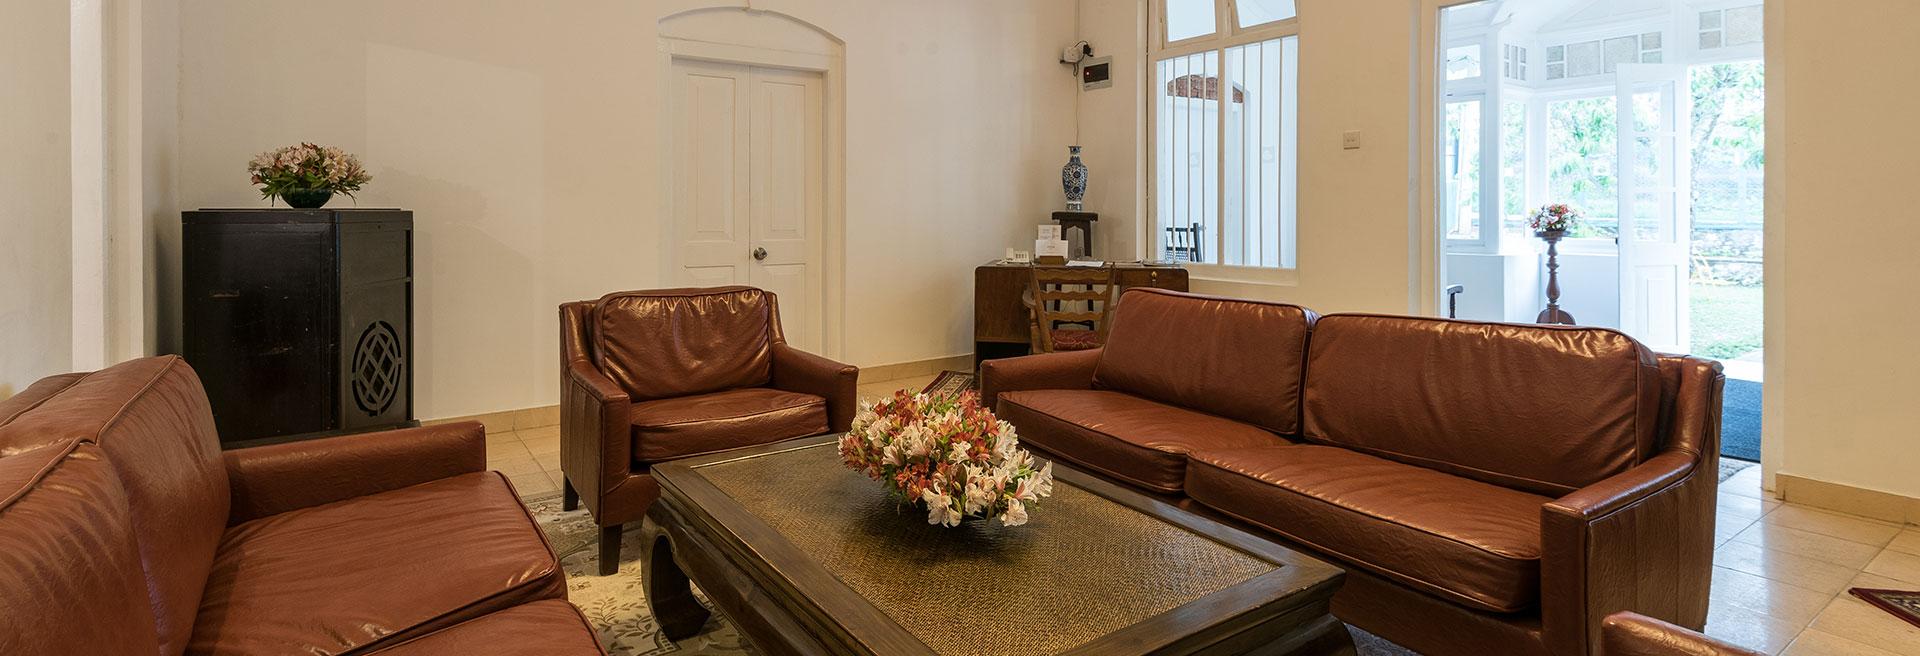 Modern indoor living room